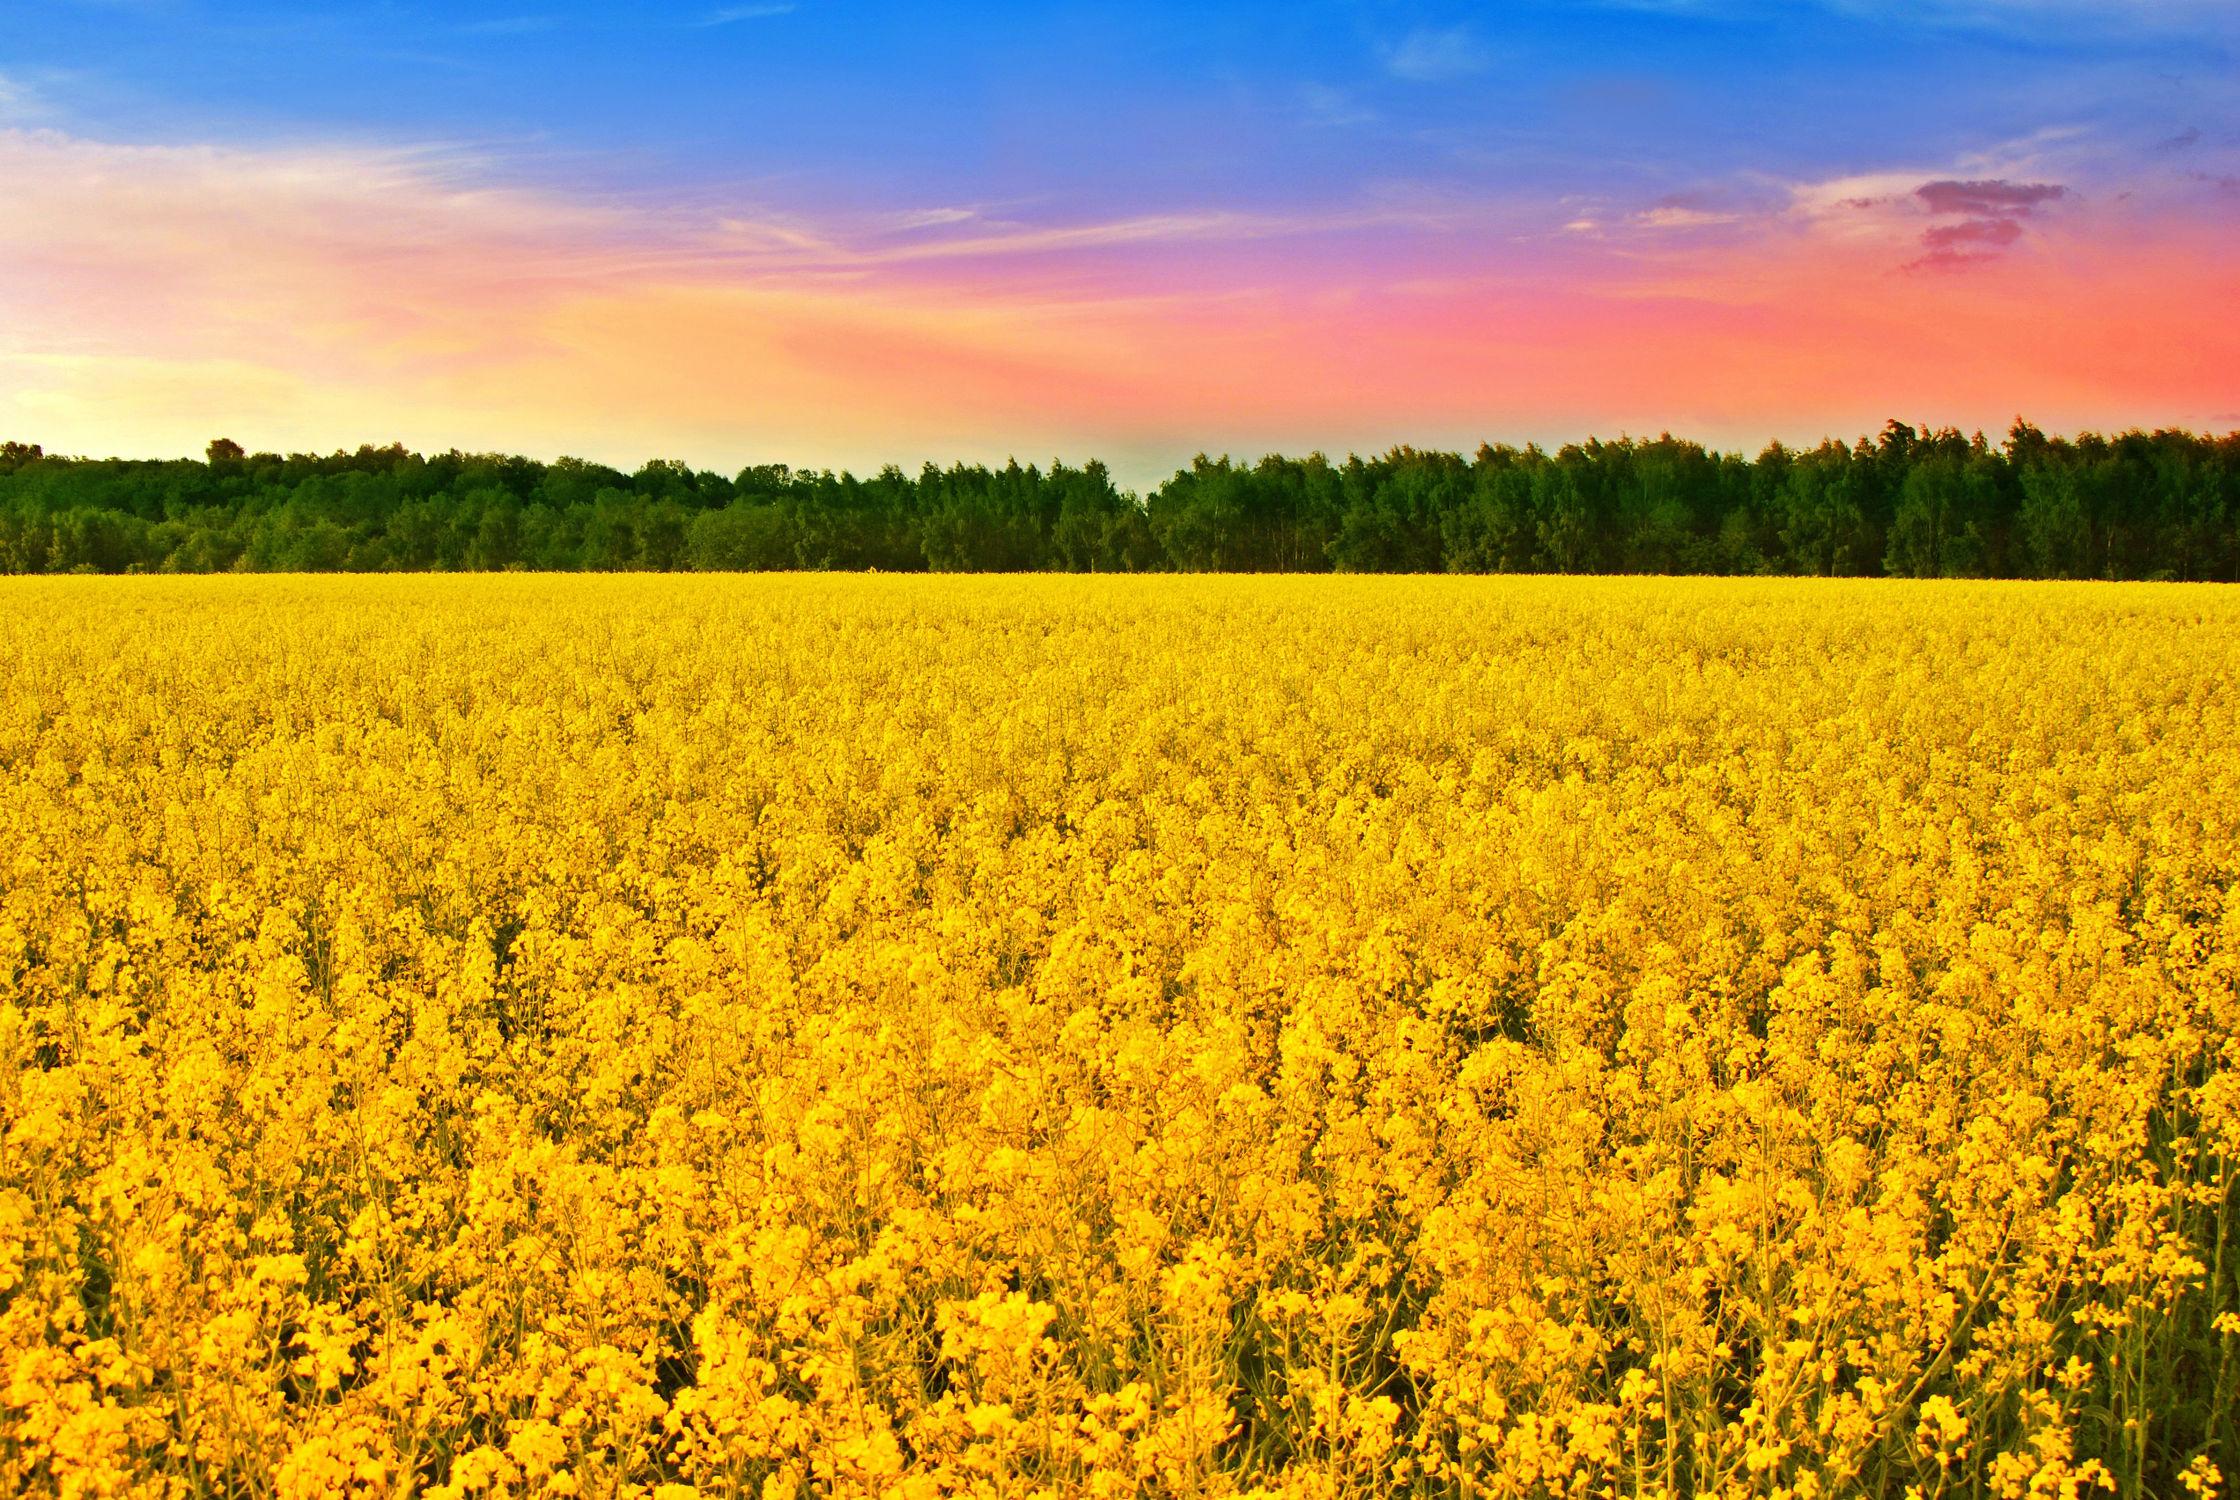 Bild mit Farben, Gelb, Natur, Natur, Grün, Pflanzen, Landschaften, Himmel, Bäume, Wolken, Blumen, Frühling, Rot, Sonnenuntergang, Raps, Wald, Baum, Landschaft, Pflanze, Feld, Bunt, Energie, Rapsfeld, rapsöl